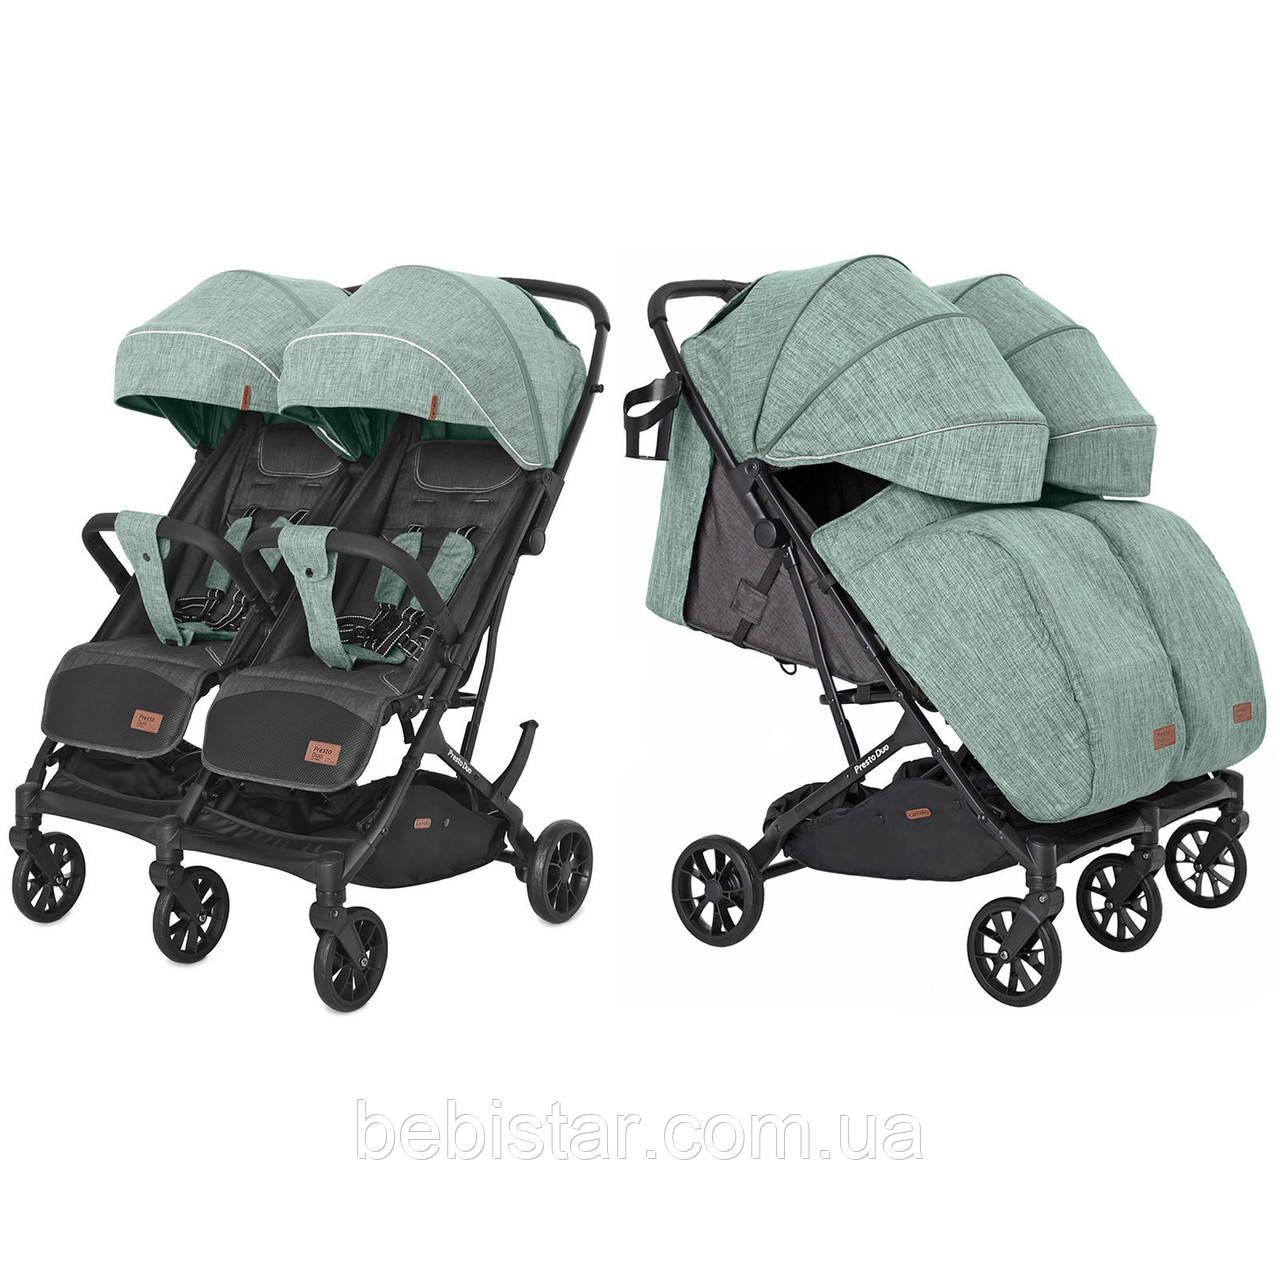 Коляска прогулочная для двойни светло-зеленая с дождевиком Carrello Presto Duo CRL-5506 Tea Green от 6 месяцев